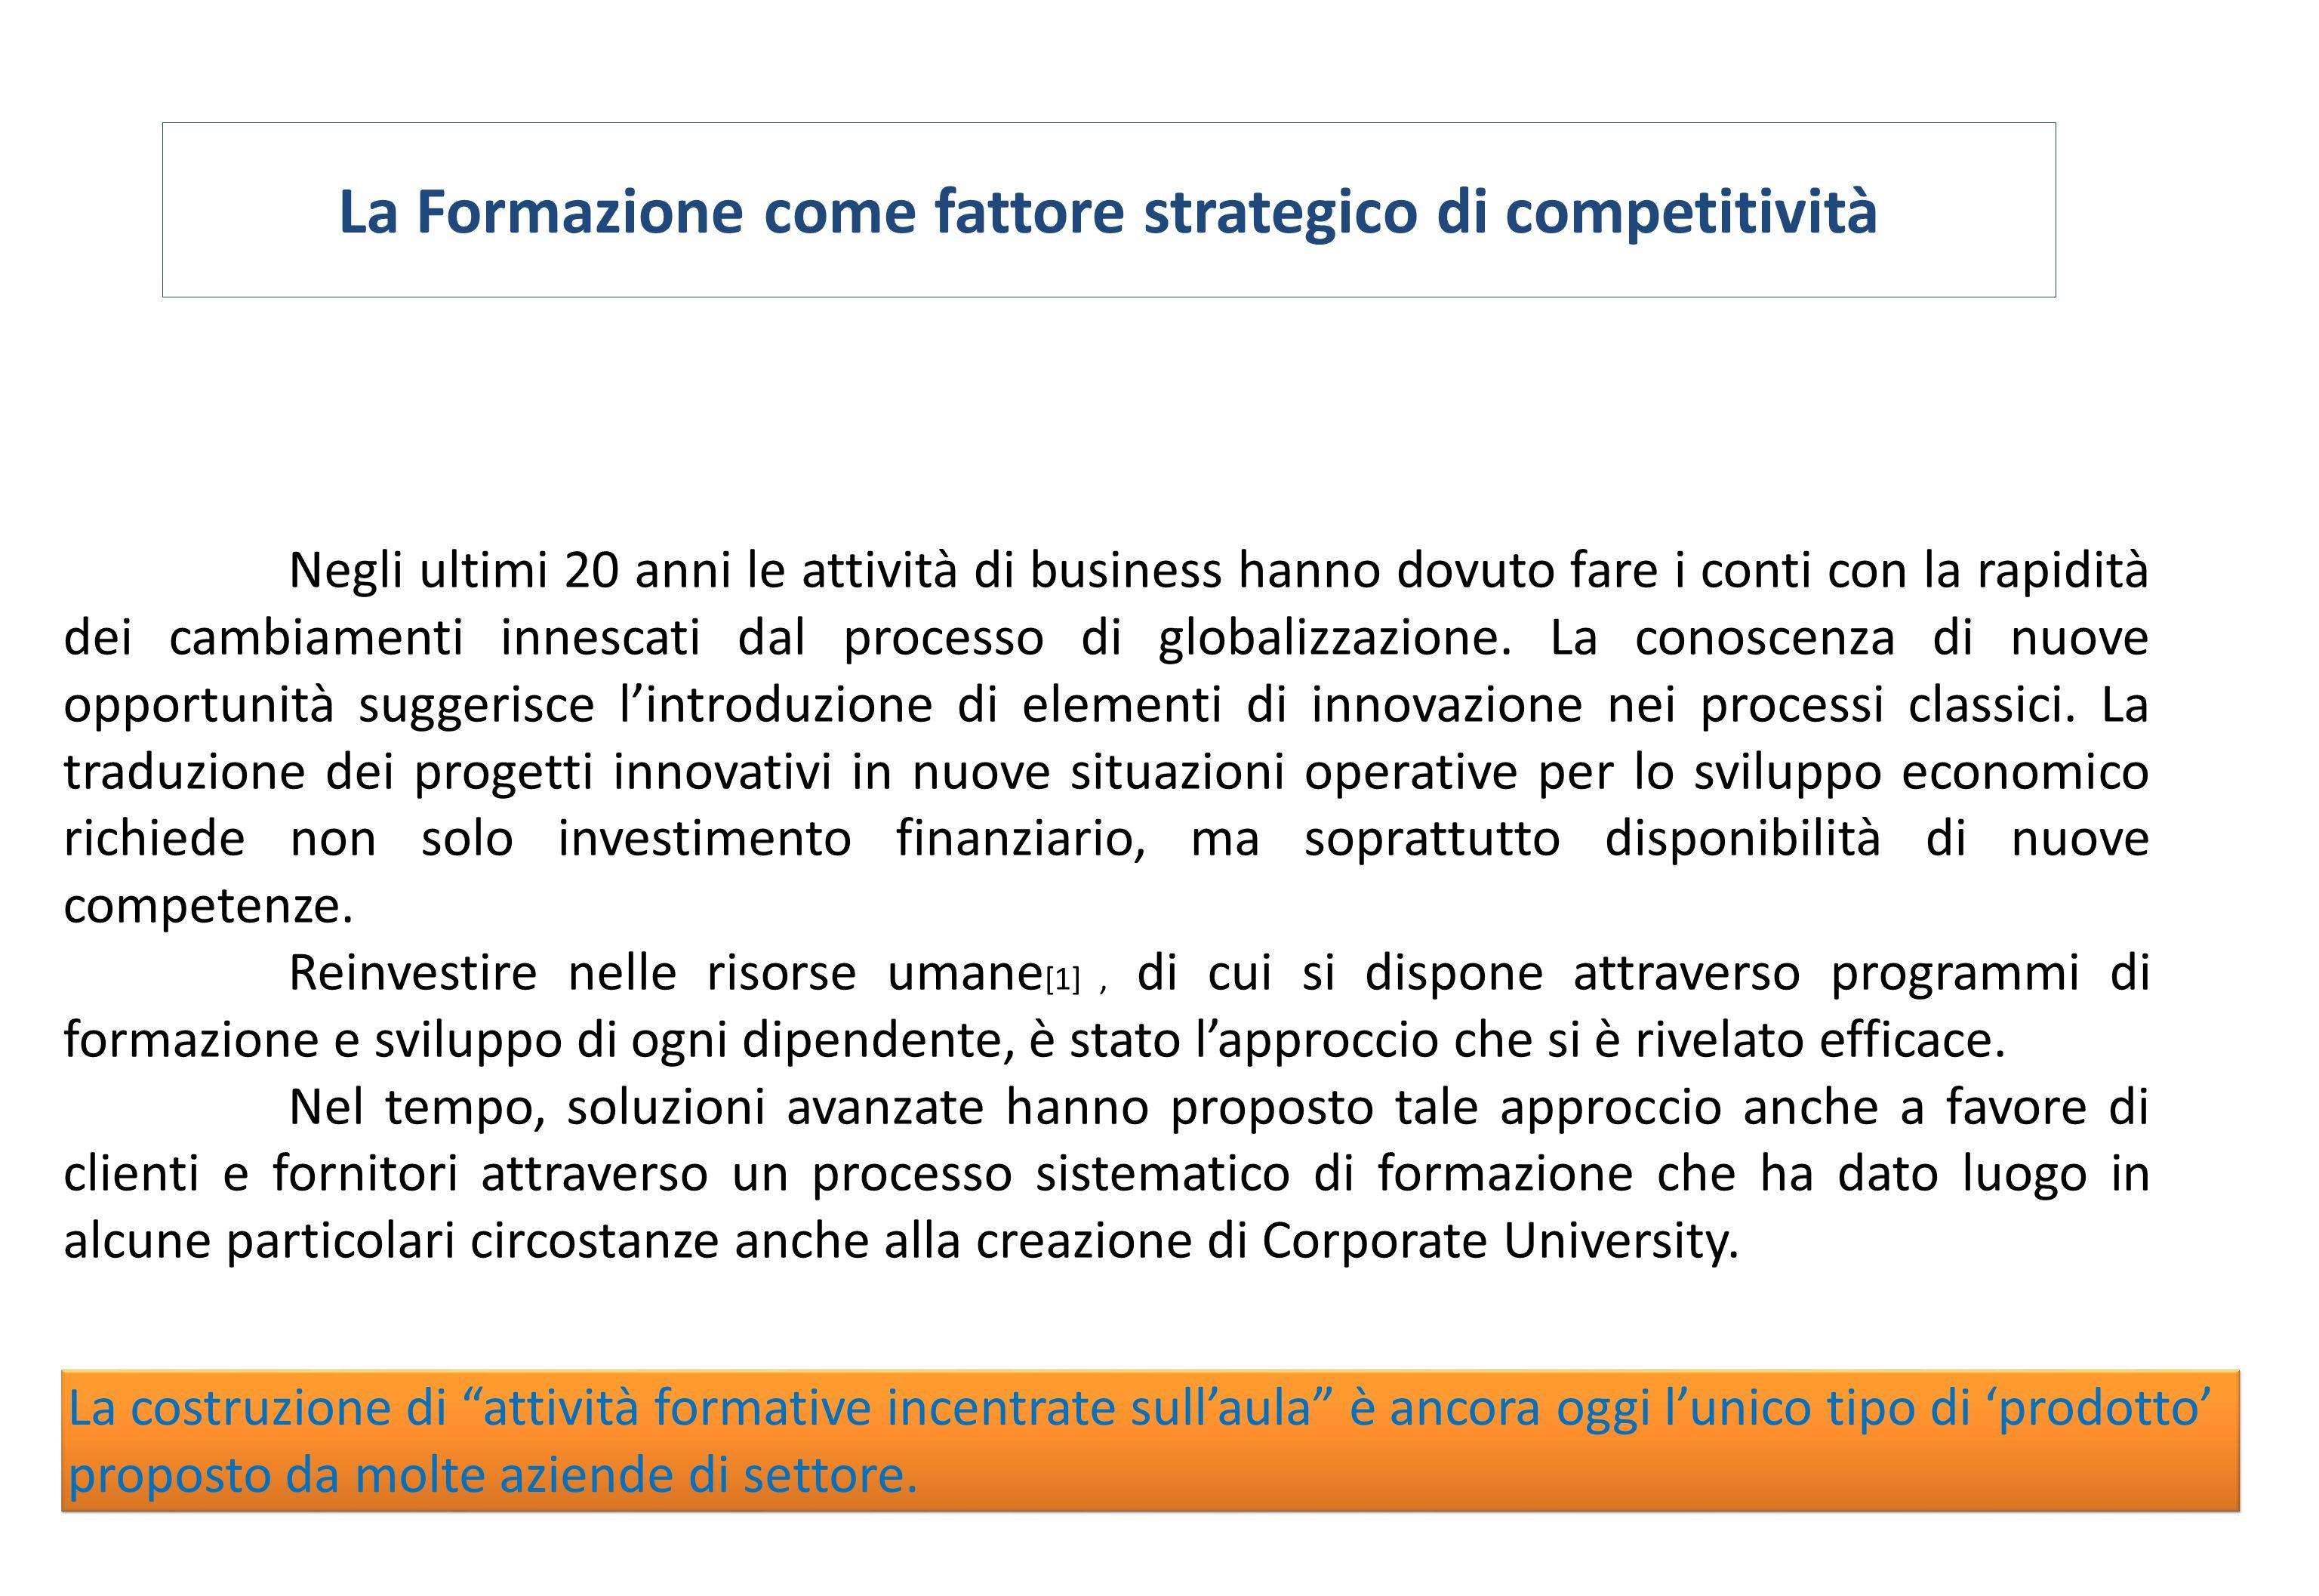 La Formazione come fattore strategico di competitività